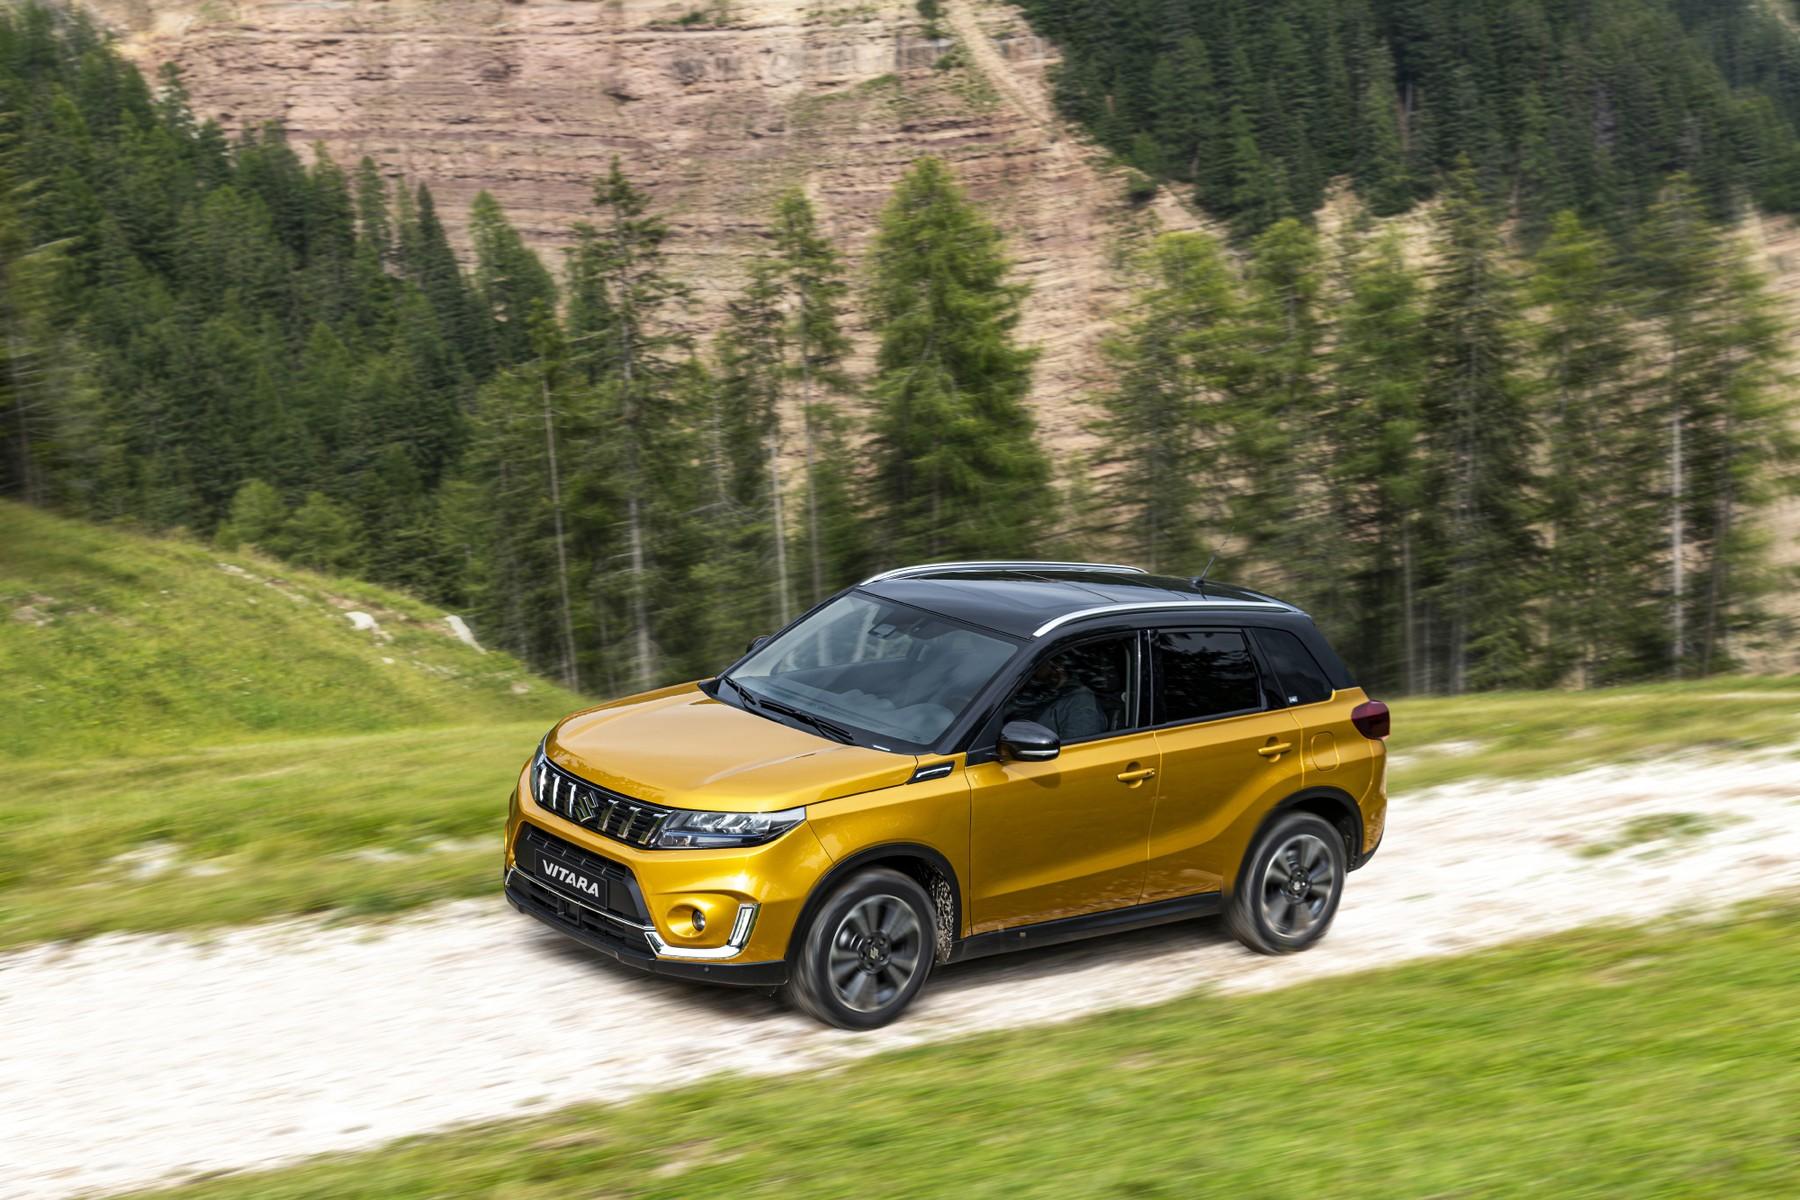 Nejdostupnější auta s pohonem všech kol najdete u Suzuki